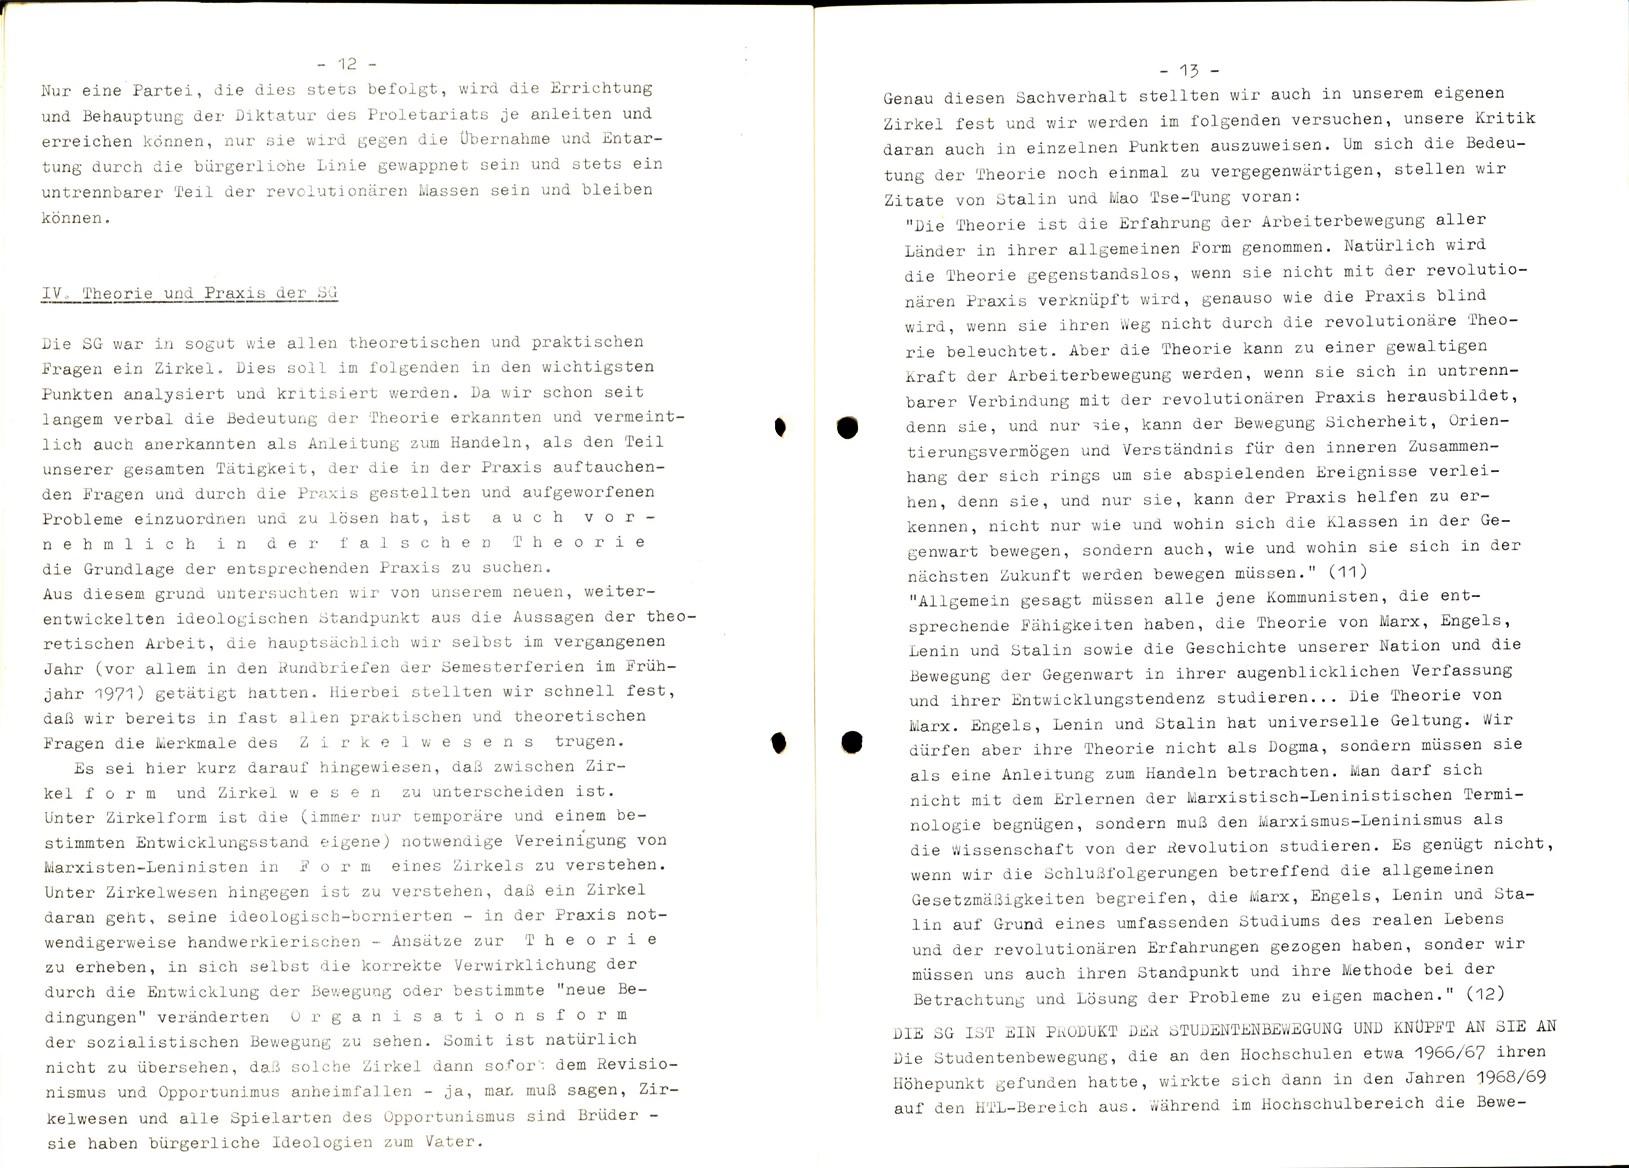 Aachen_KSBML_1971_Selbstkritik_08